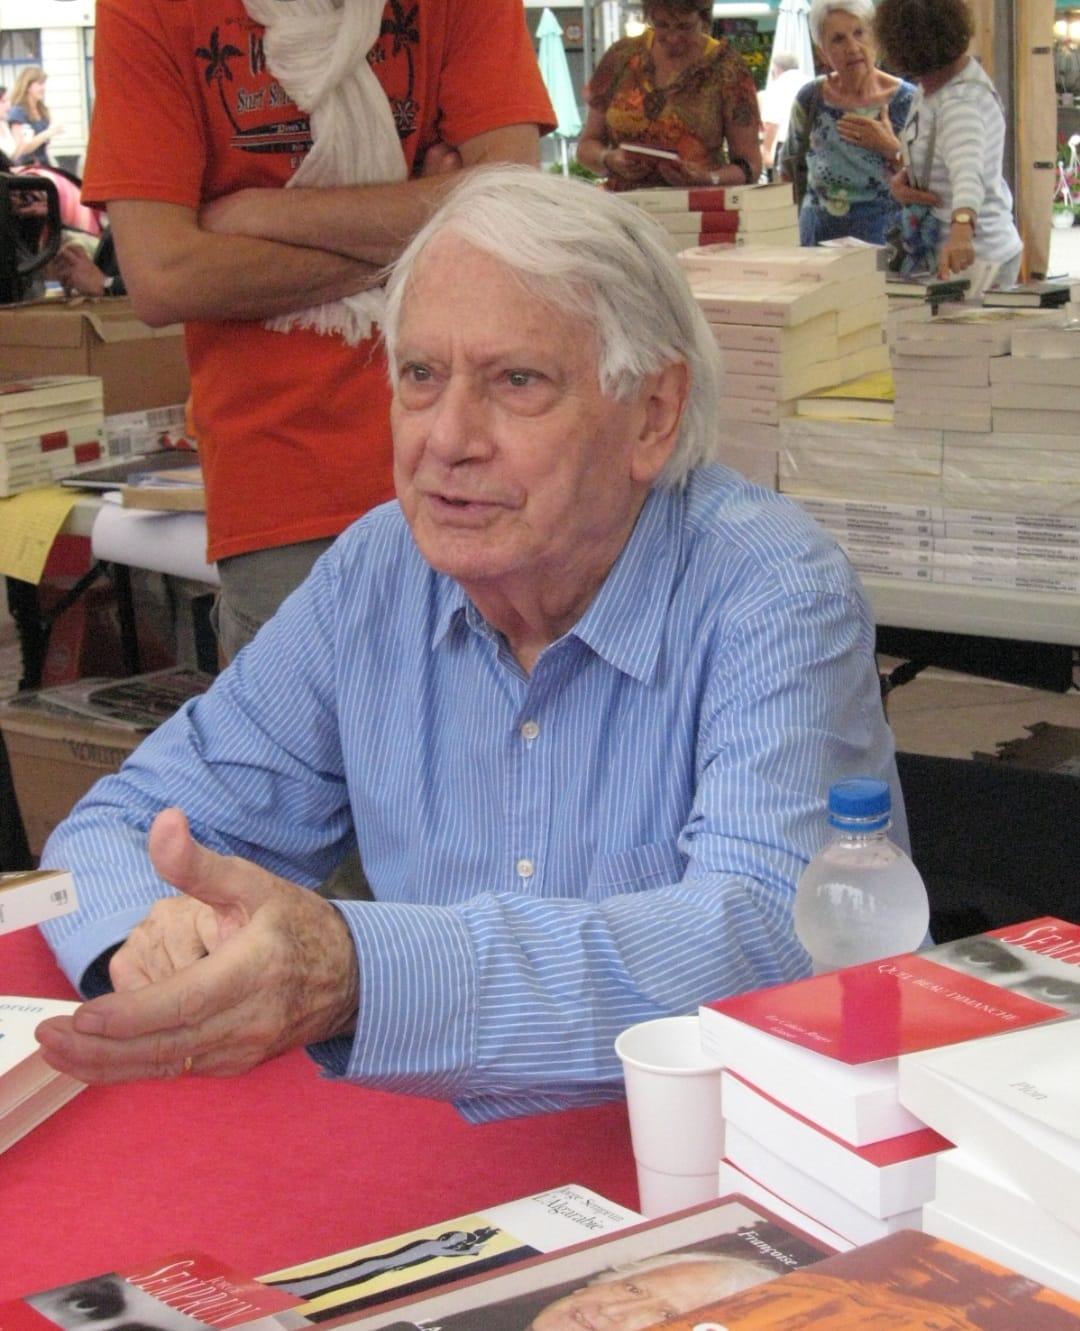 הסופר הספרדי הגולה חורחה סמפרון ; מת בפריז ב-7 ביוני 2011